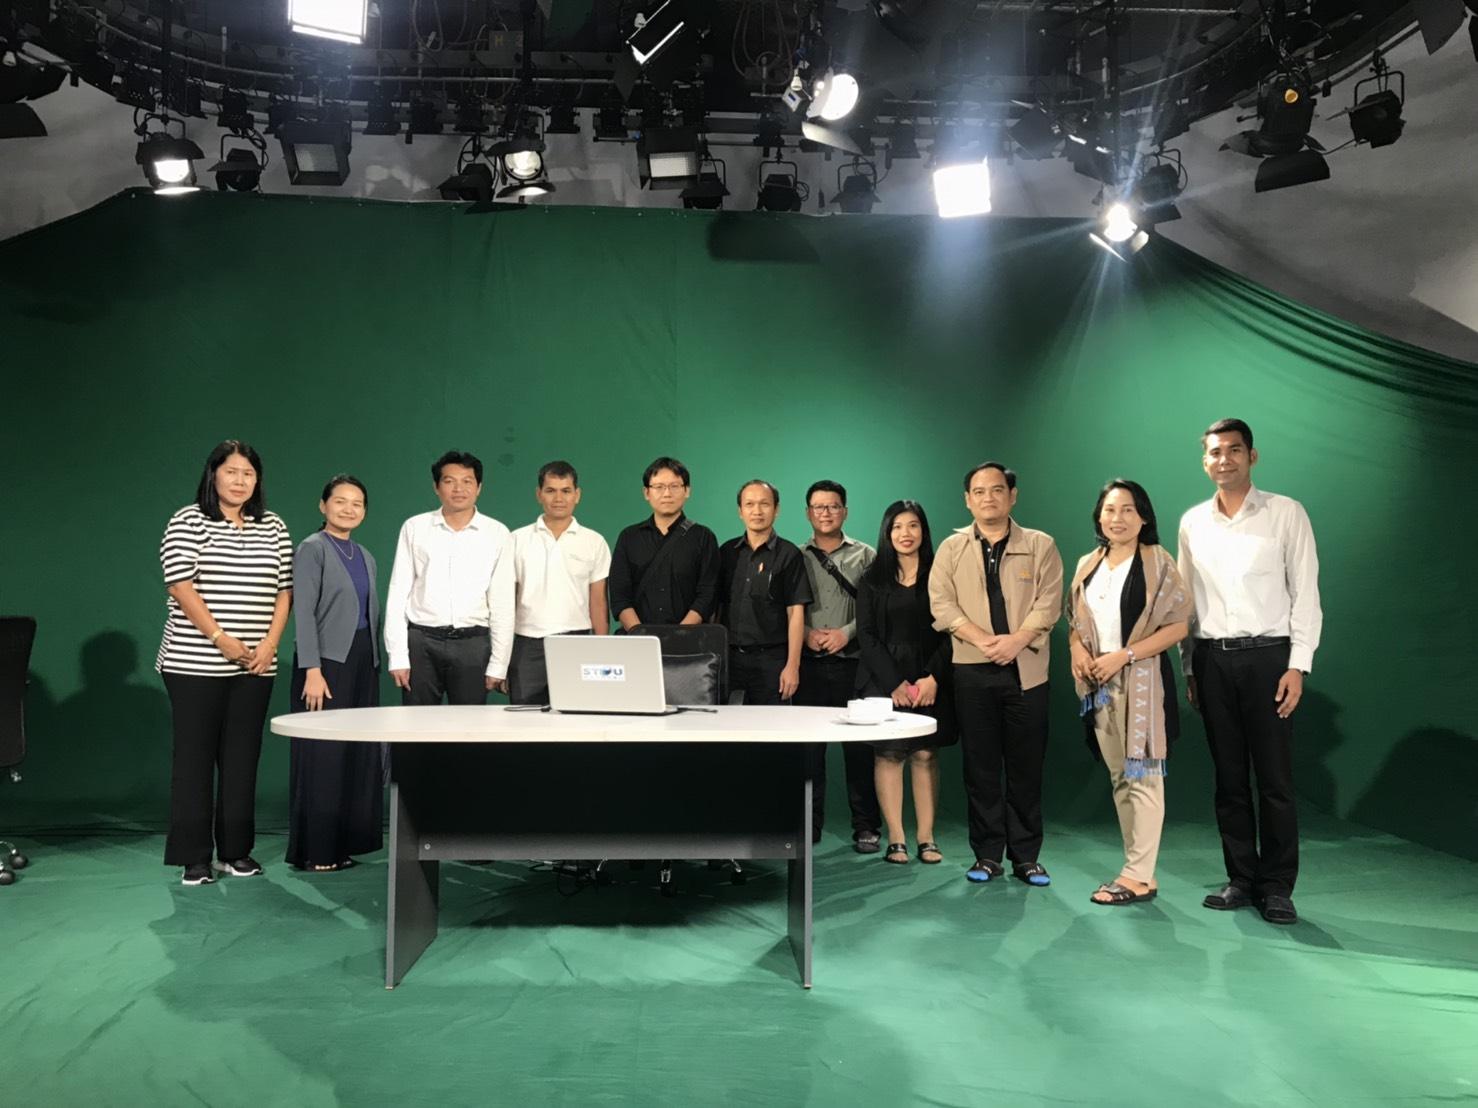 ศูนย์บริการการสอนทางวิทยุและโทรทัศน์ร่วมกับหน่วยงานเครือข่ายนำคณะบุคลากรมหาวิทยาลัยอุบลราชธานี ชมสถานี STOU CHANNEL